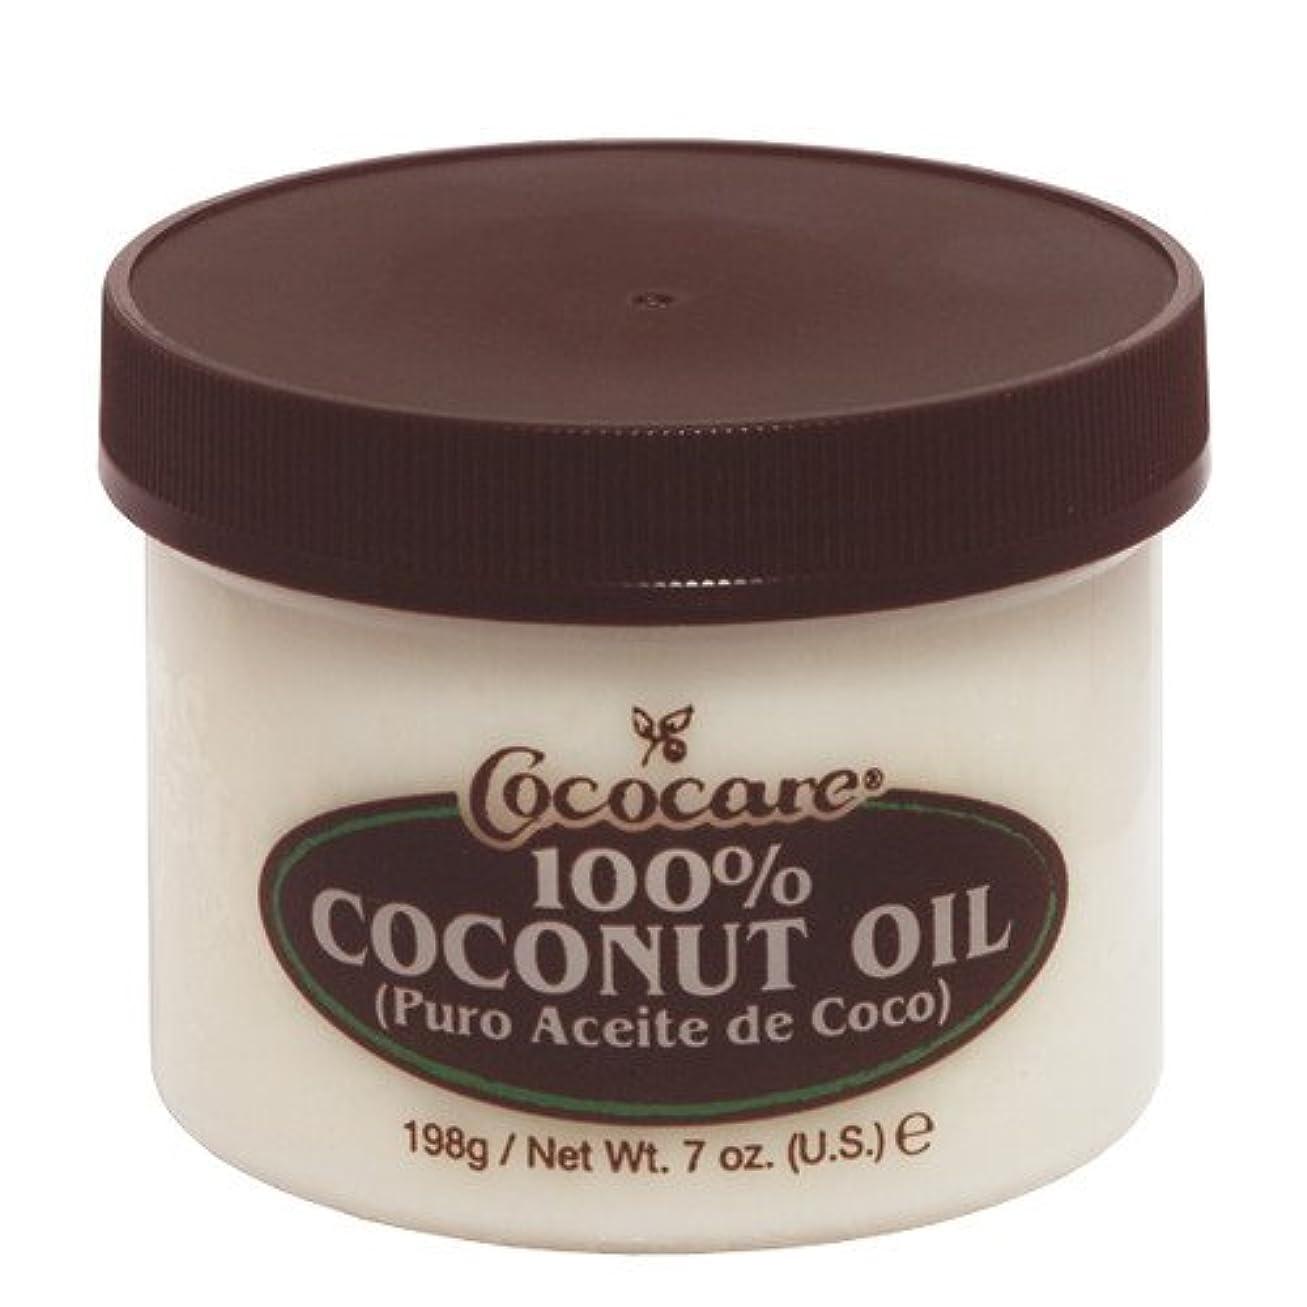 ふりをするオフェンス重々しいCOCOCARE ココケア ココナッツオイル 198g